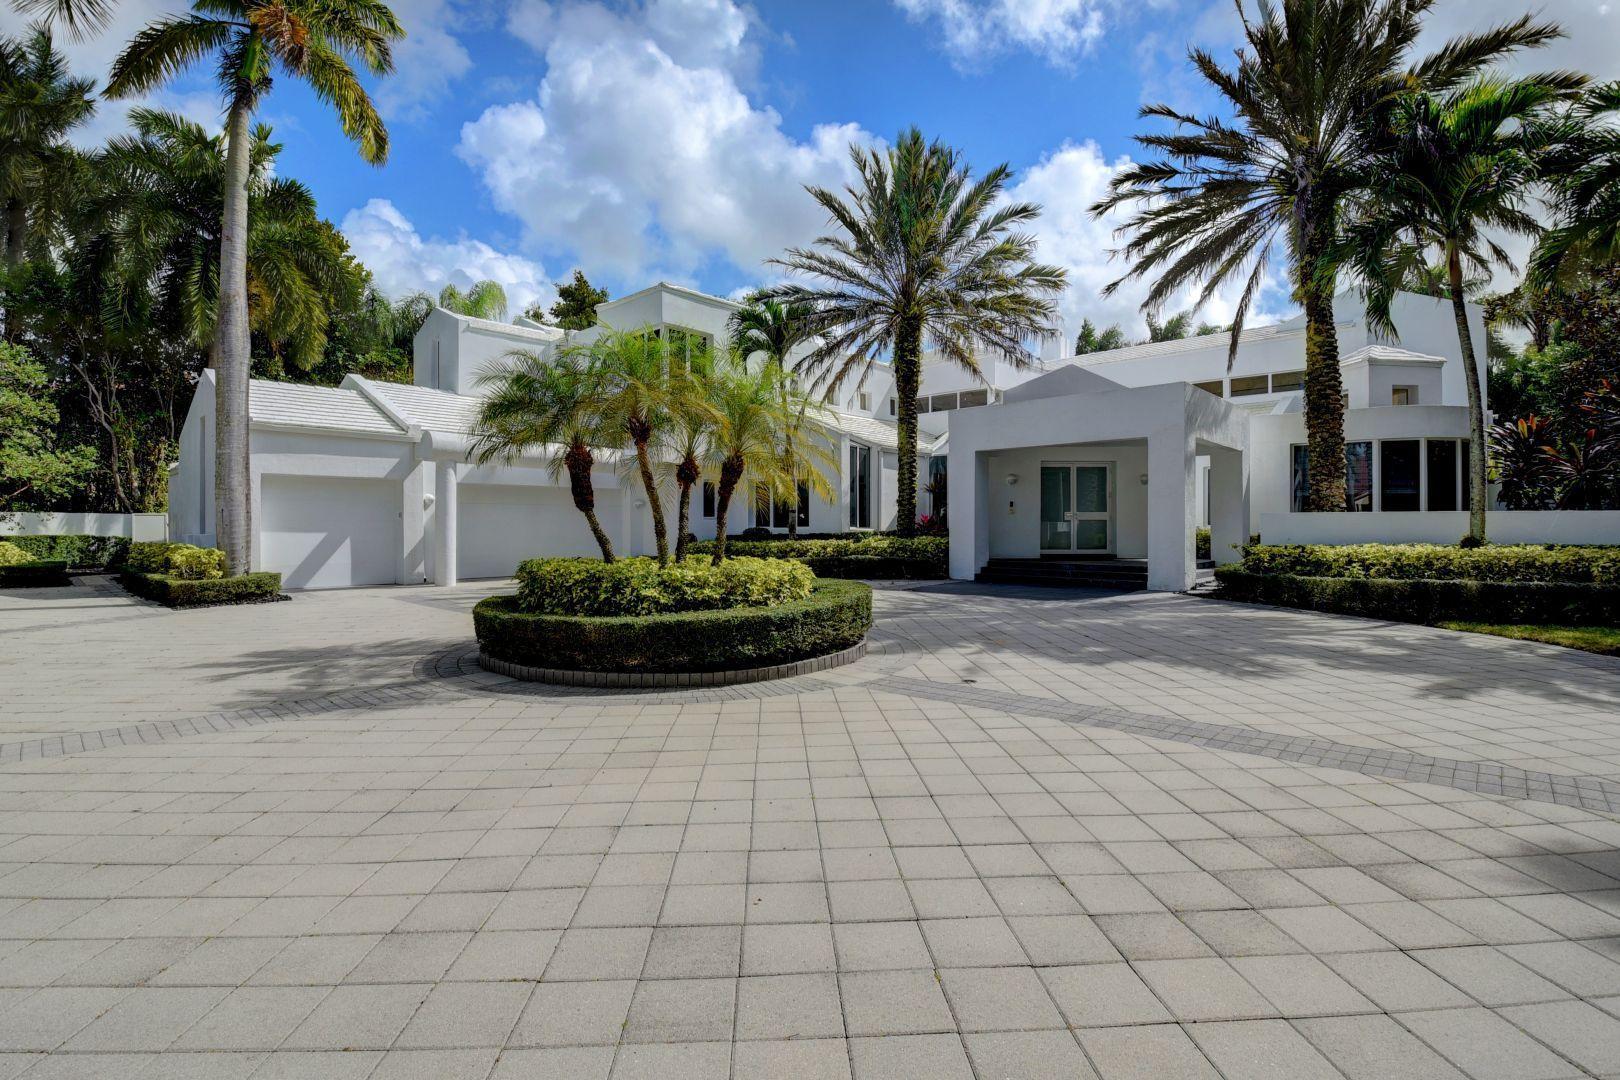 3656 Princeton Place  Boca Raton, FL 33496